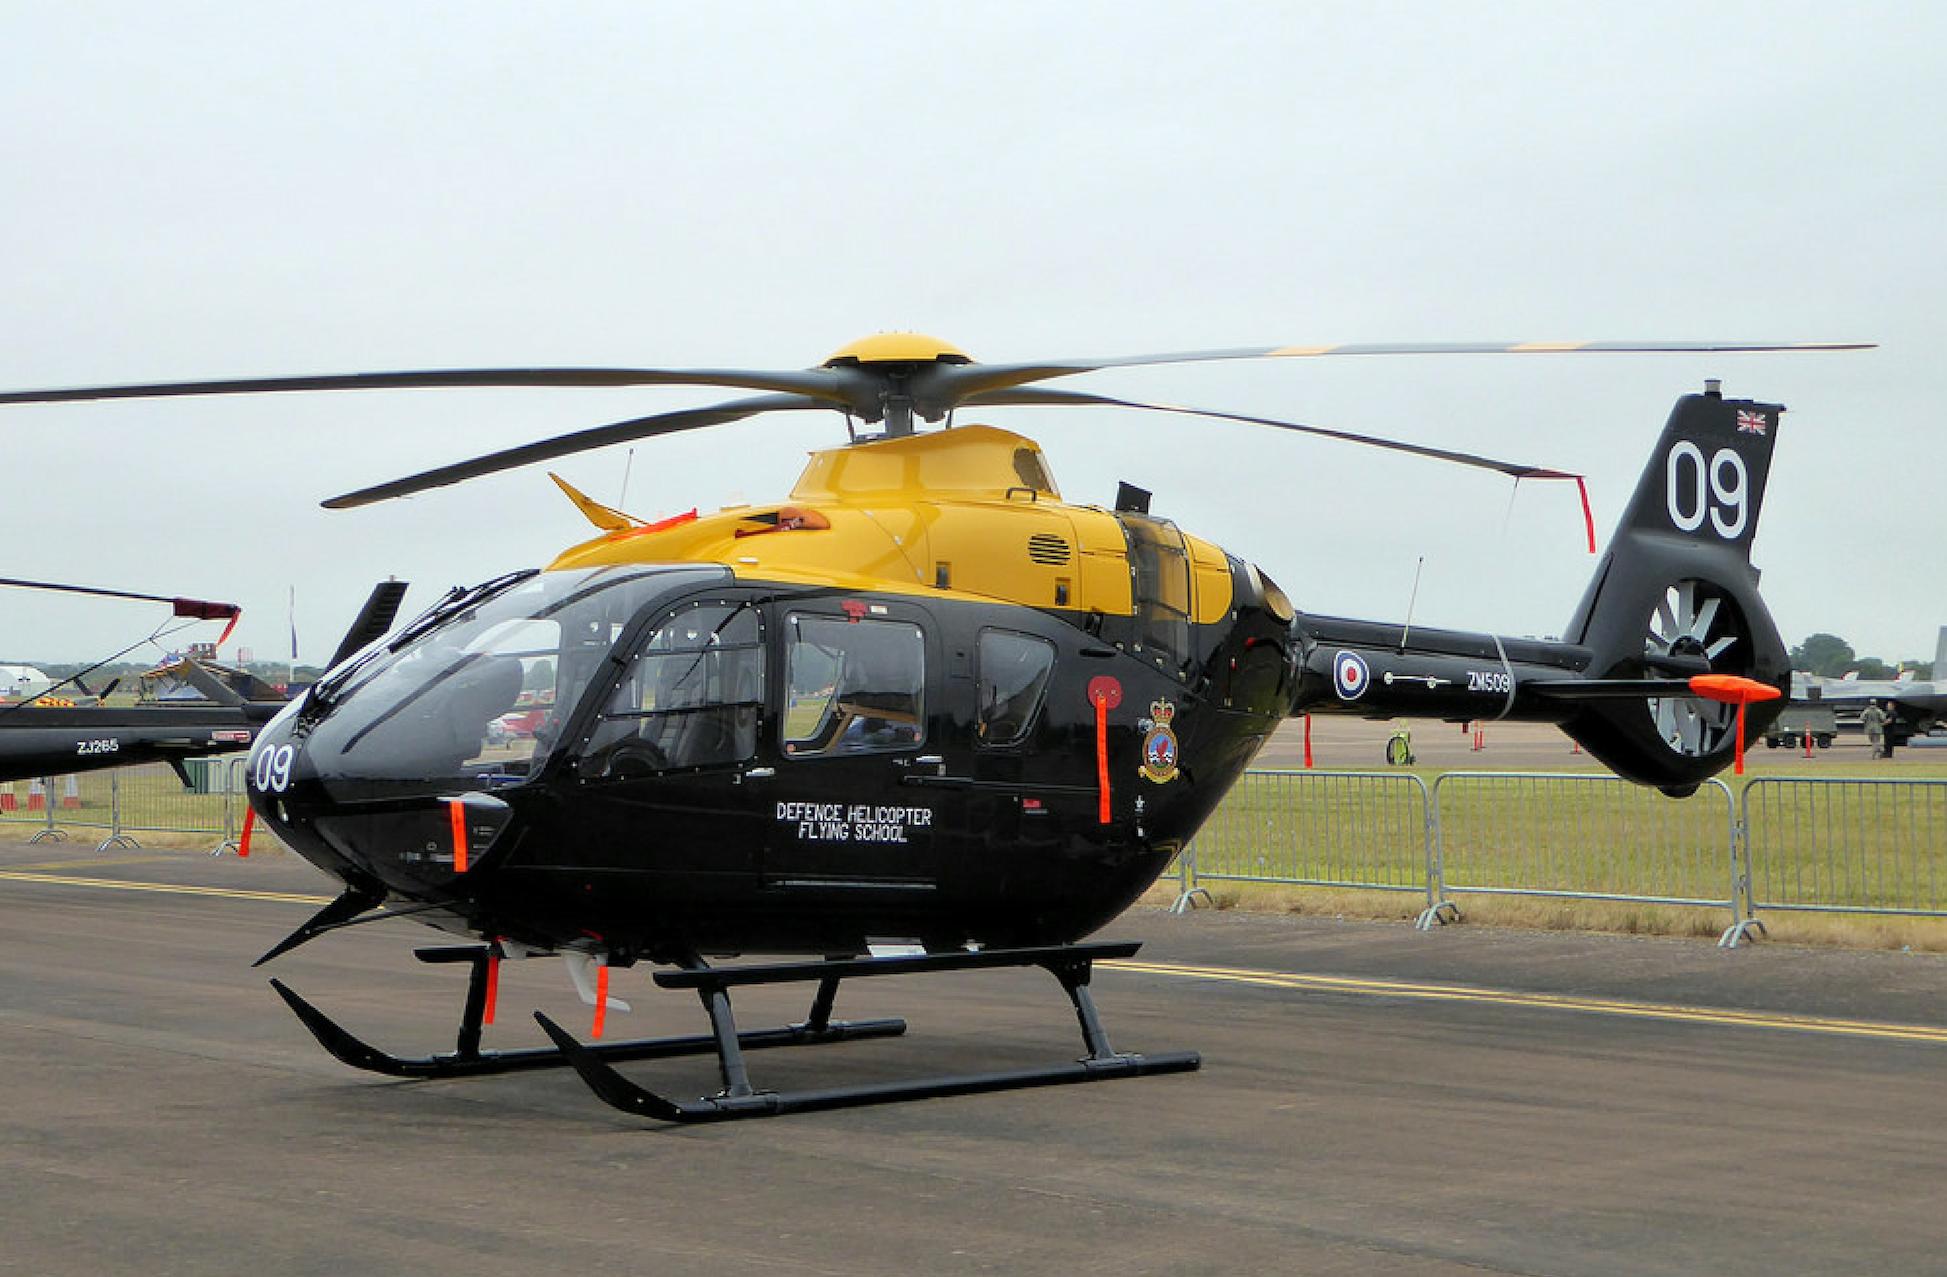 AIRBUS H135 JUNO